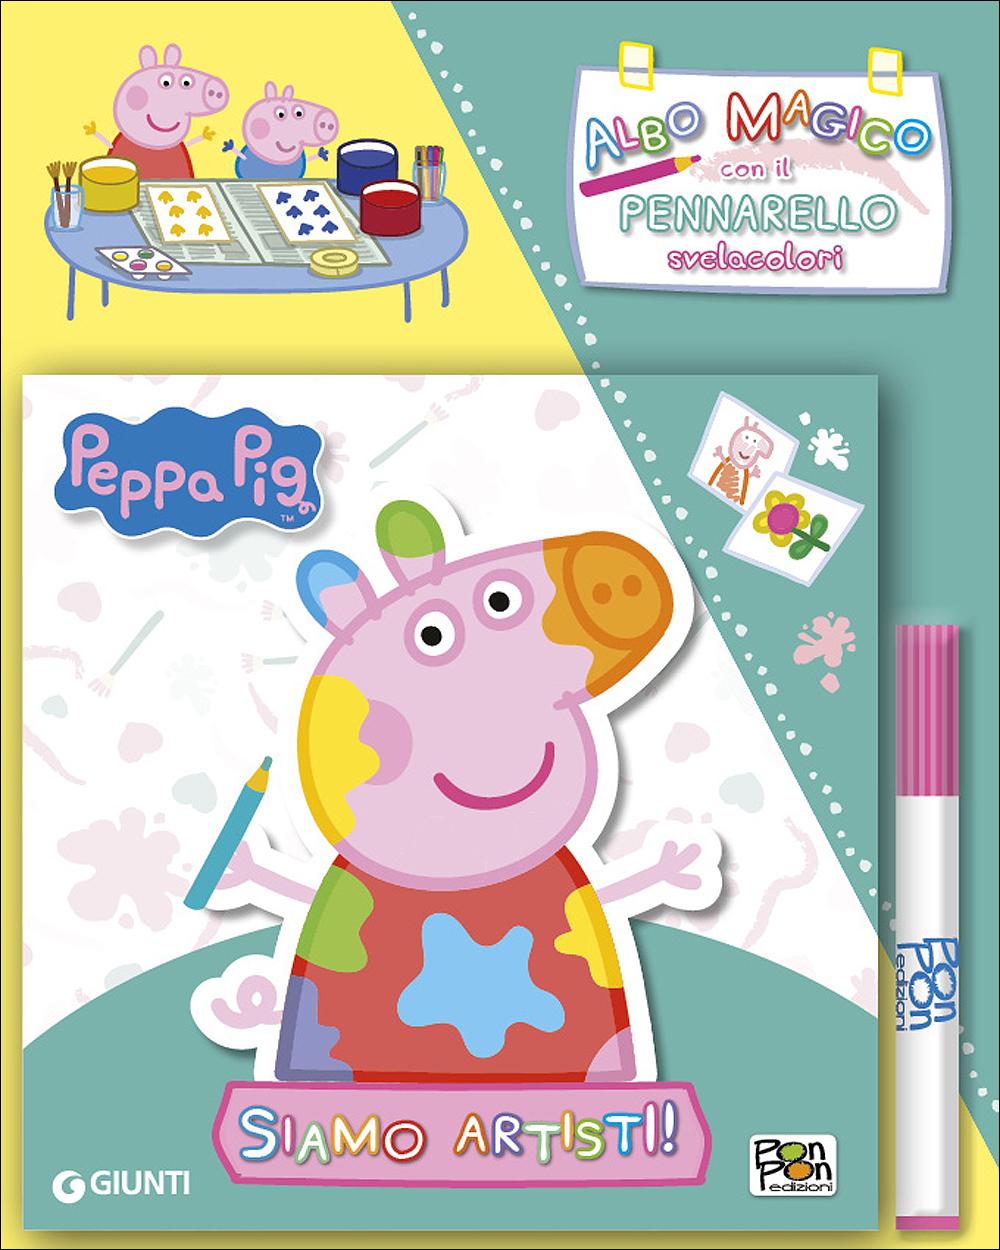 Albo Magico Peppa Pig - Siamo artisti!